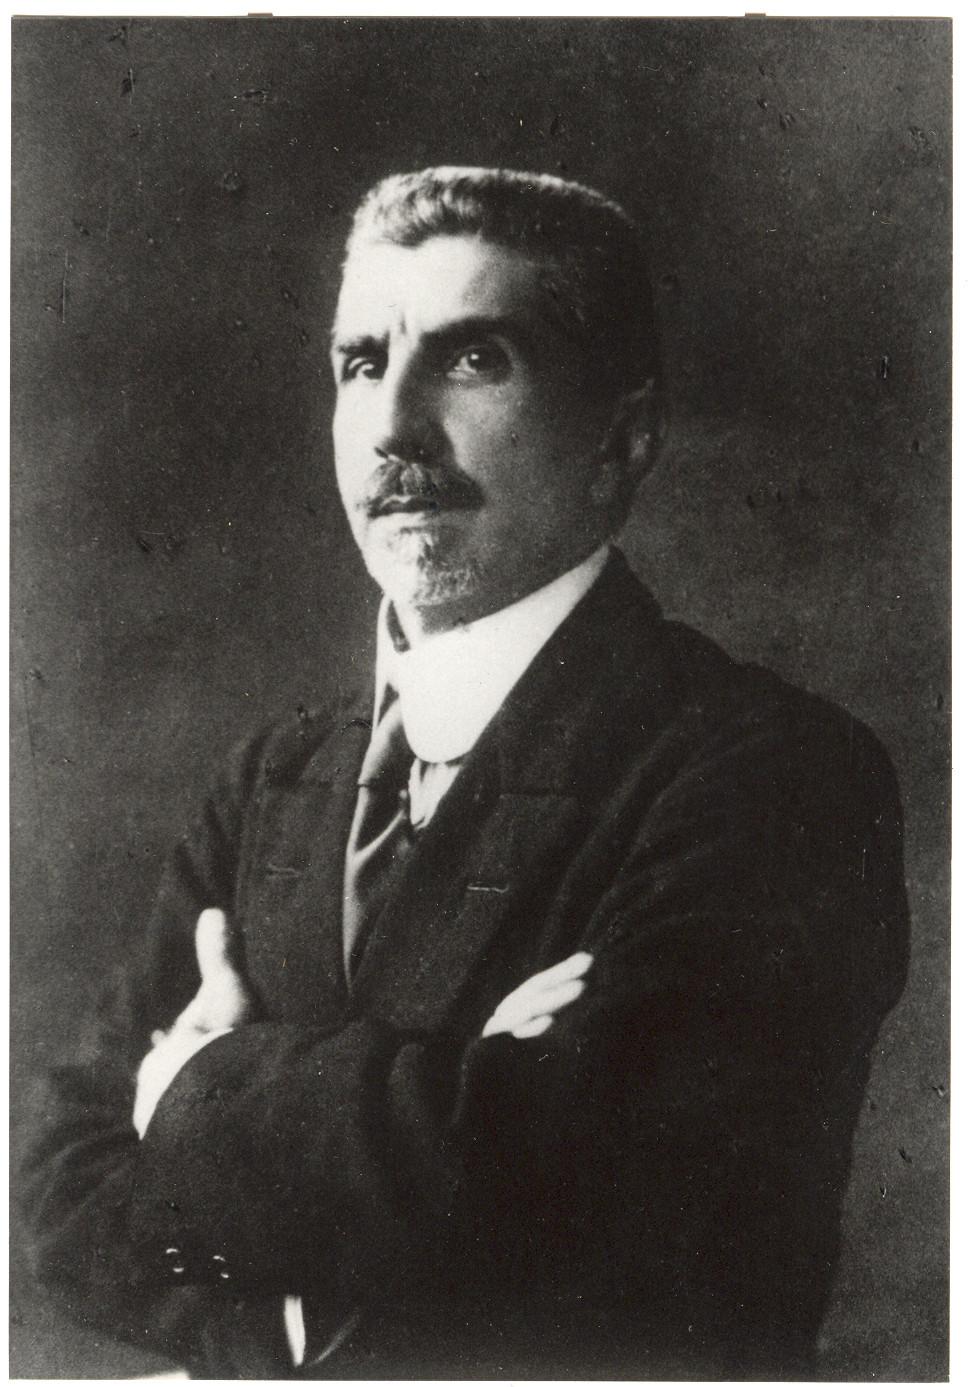 A historia da familia Rothier - Antônio Joaquim Teixeira Duarte - 100 anos de odontologia no Brasil